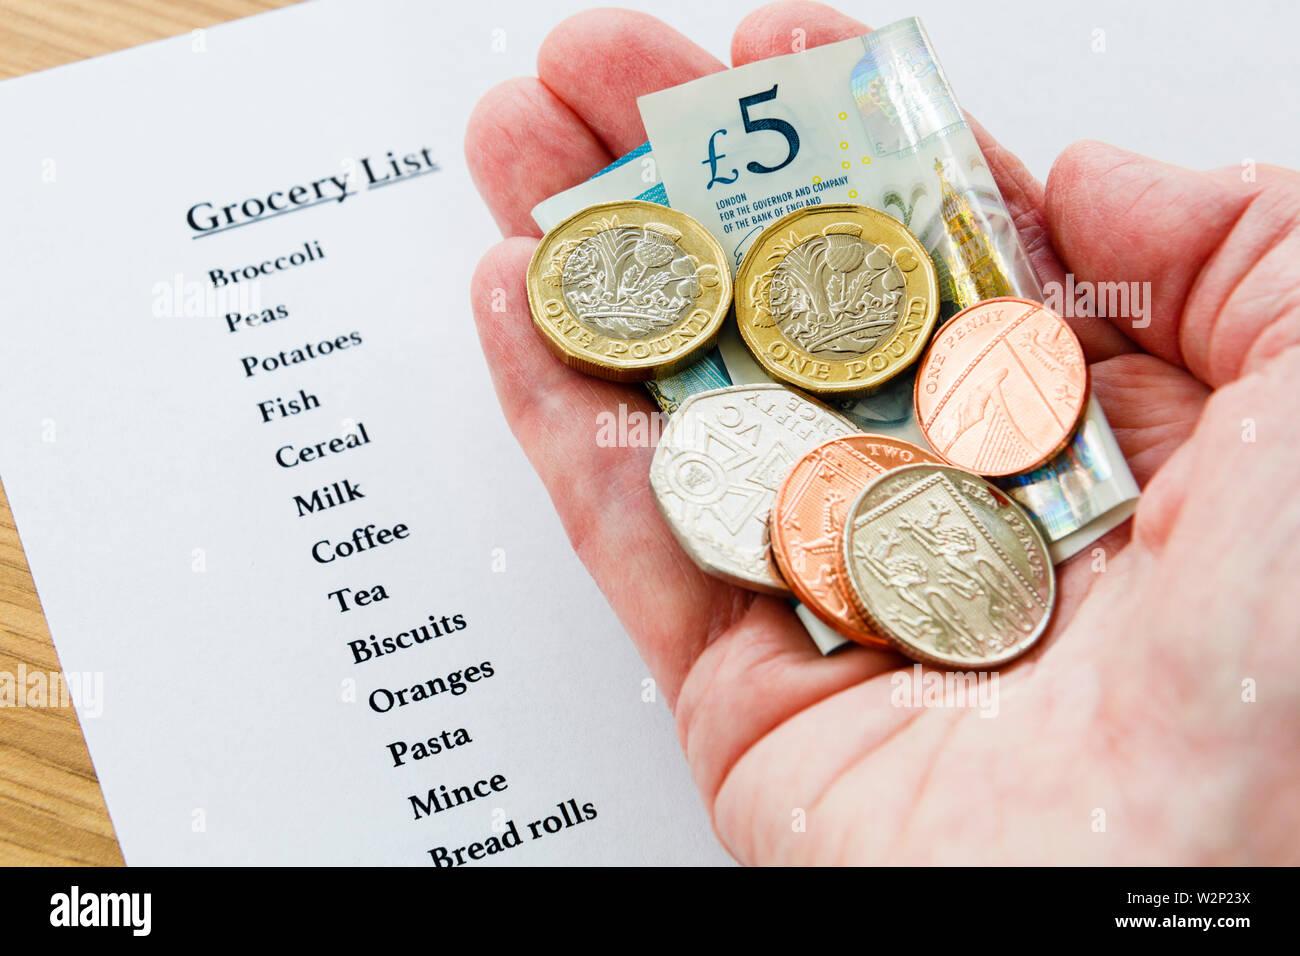 Un pobre pensionista senior de la mano que sostiene una pequeña cantidad de dinero nuevo GBP con una lista de compras para el supermercado la pobreza concepto de austeridad Inglaterra Gran Bretaña Imagen De Stock